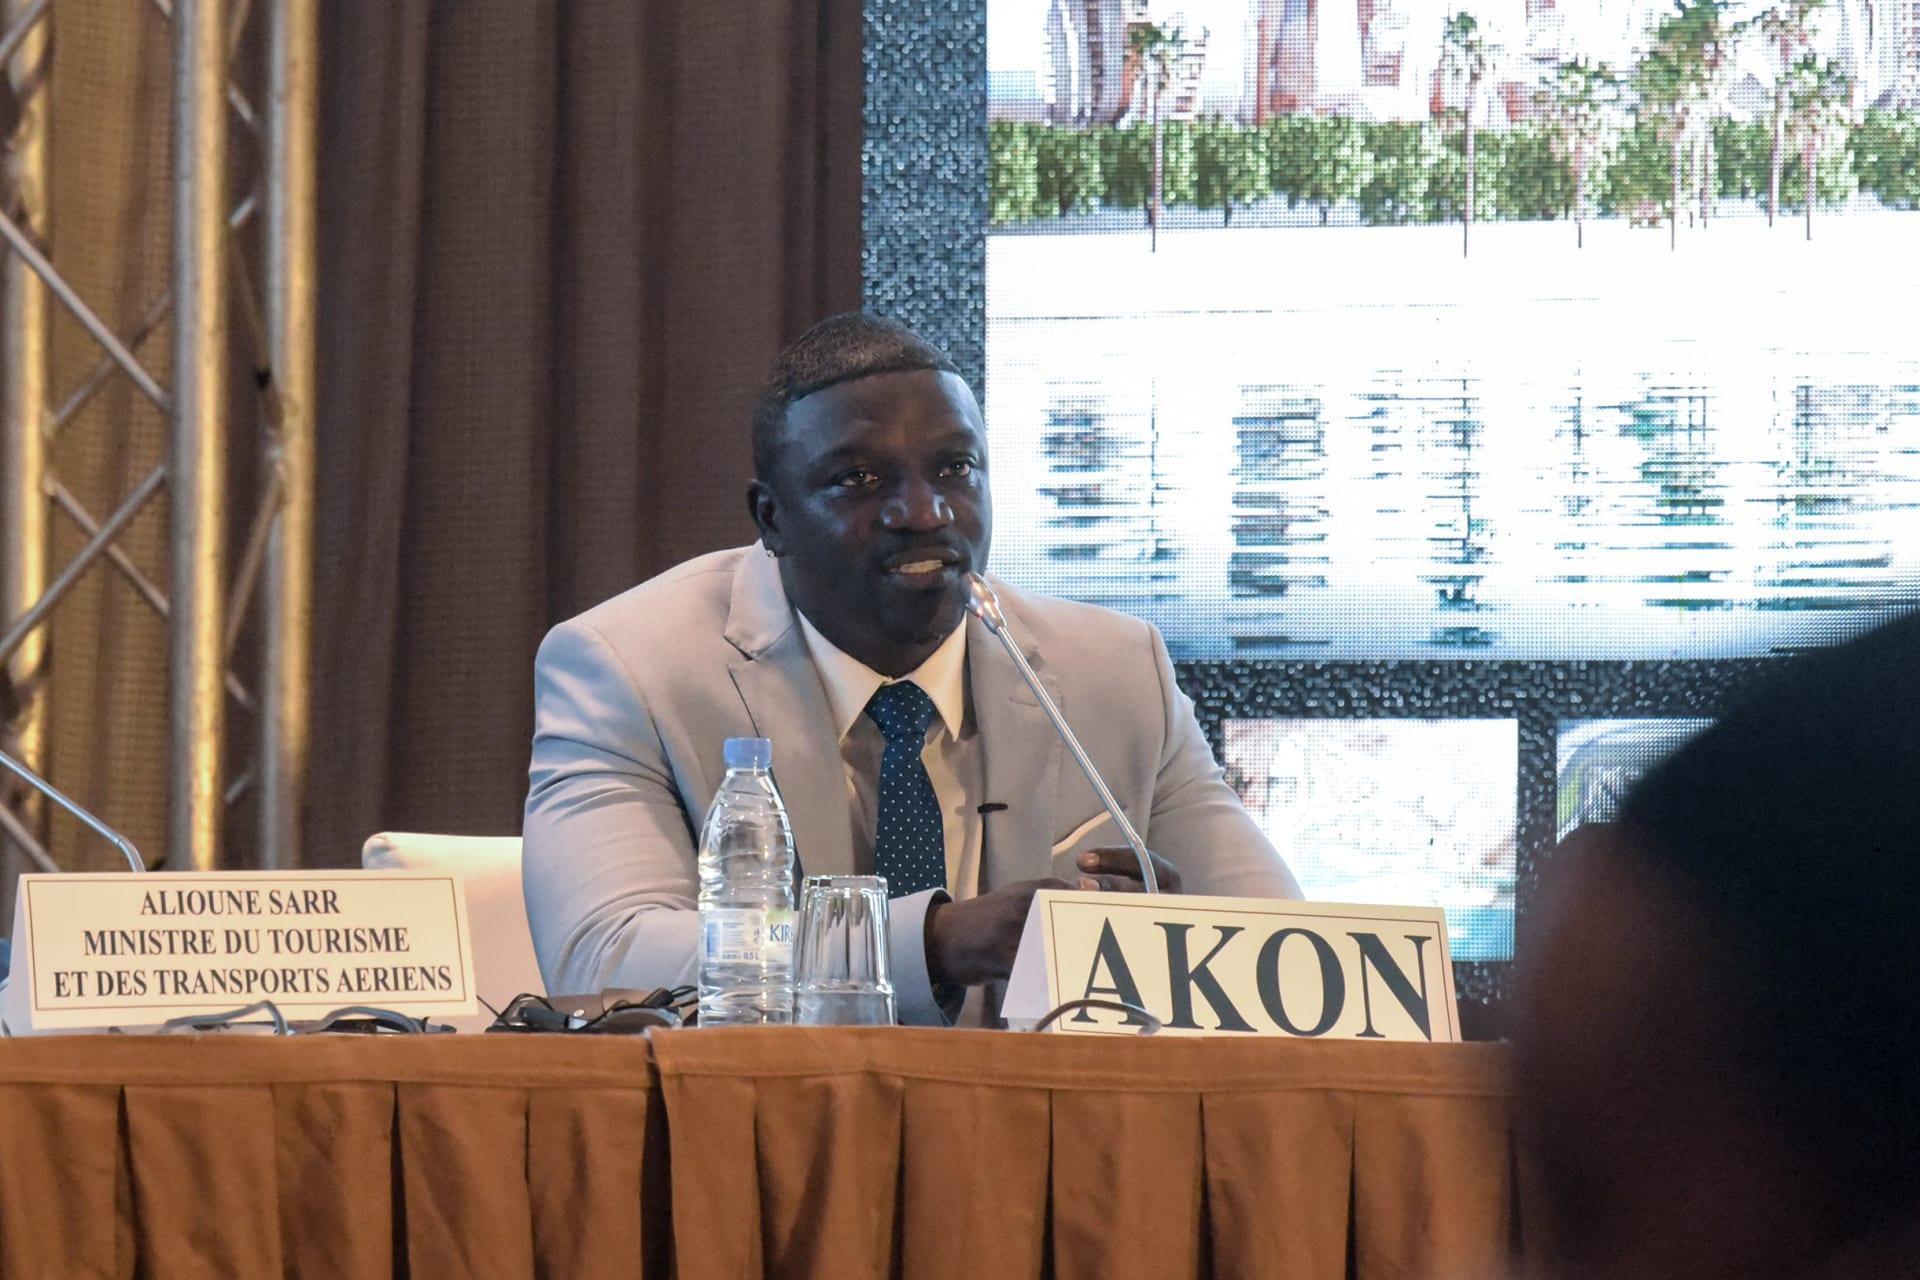 """نسخة حقيقية من """"واكاندا"""".. المغني إيكون يخطط لبناء مدينة مستقبلية في السنغال"""